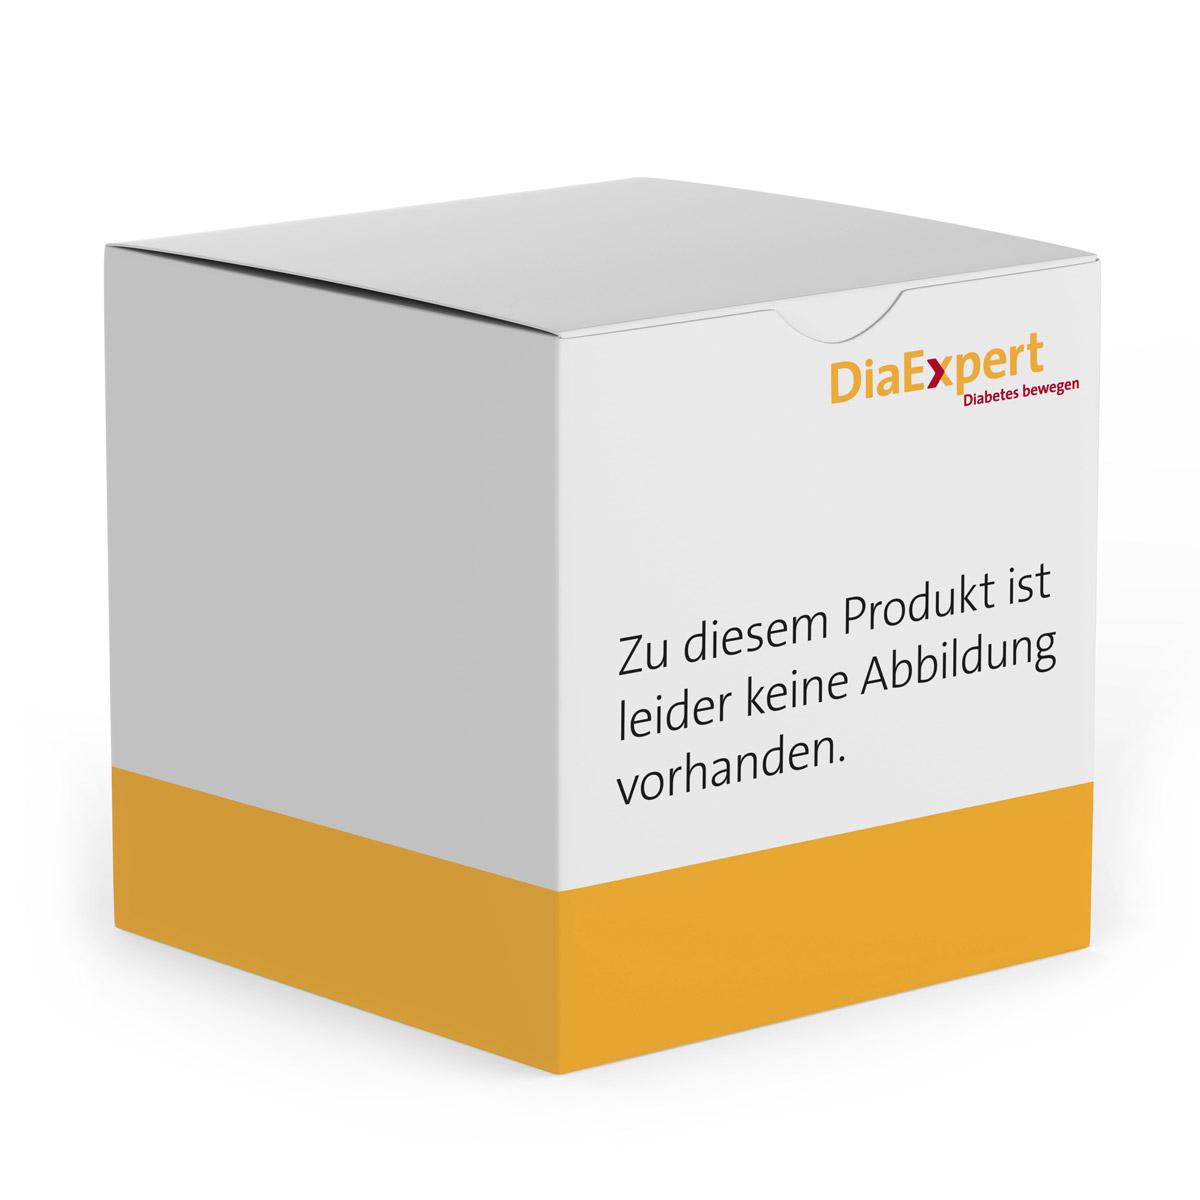 Traubenzucker-Würfel Pfirsich DiaExpert 1 Beutel à 50 Stück